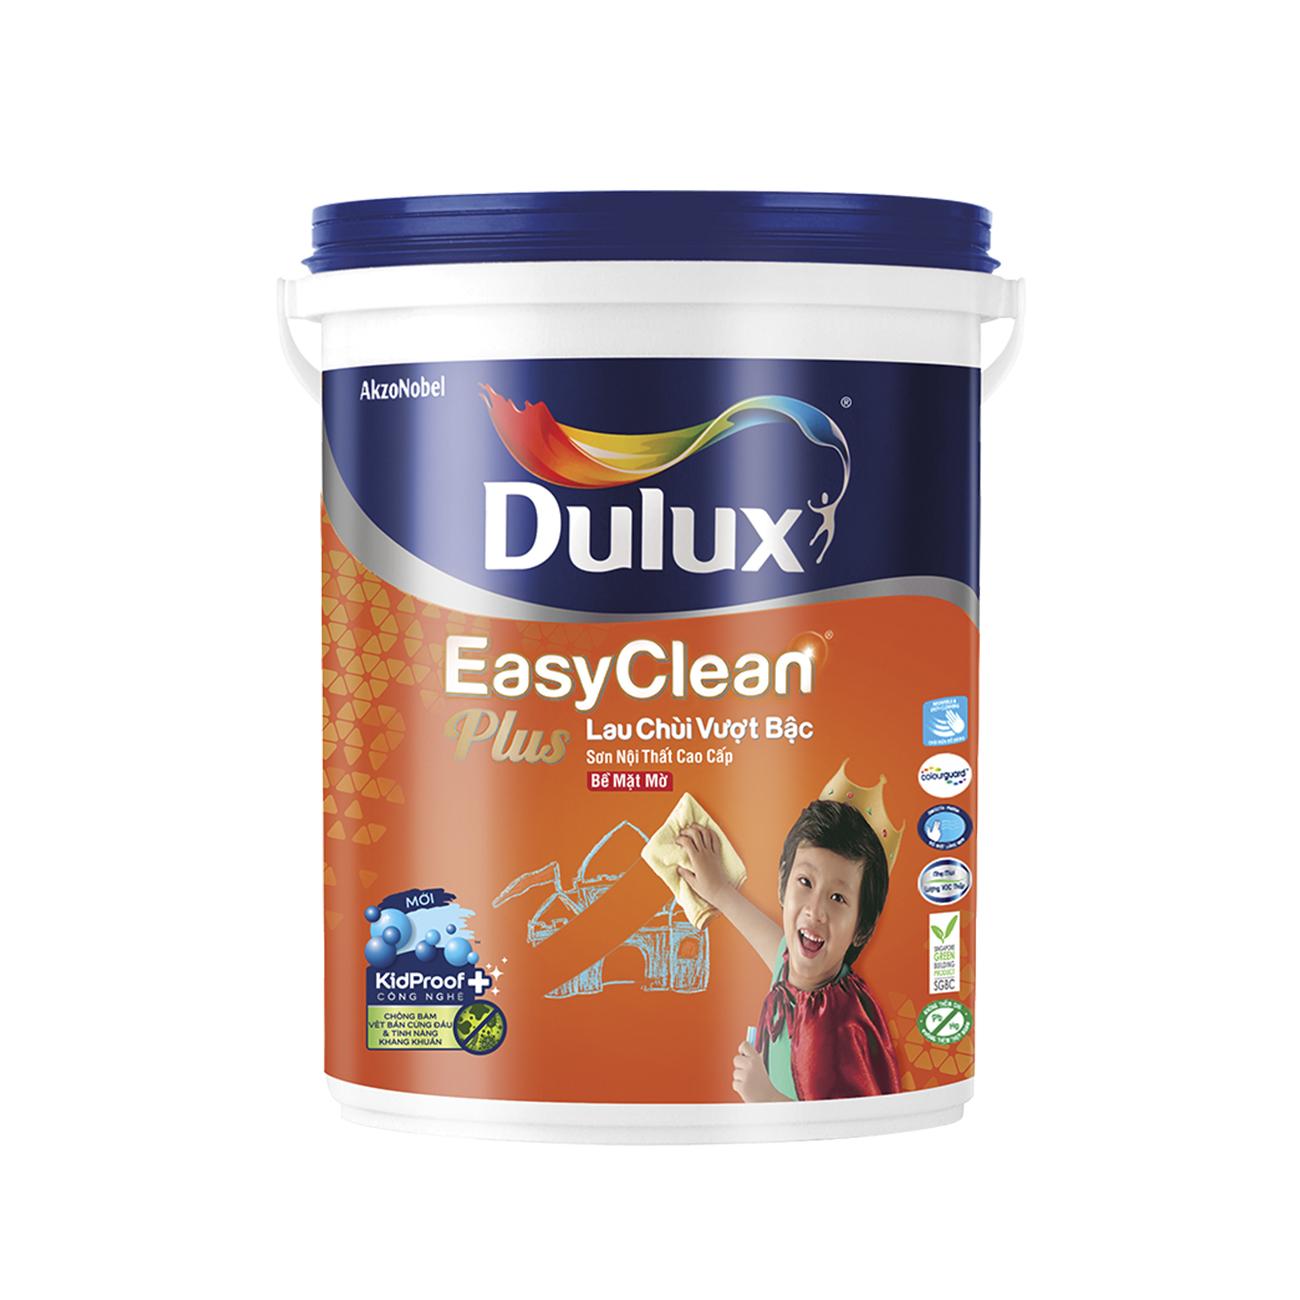 Sơn nội thất Dulux EasyClean lau chùi vượt bậc mờ 5L